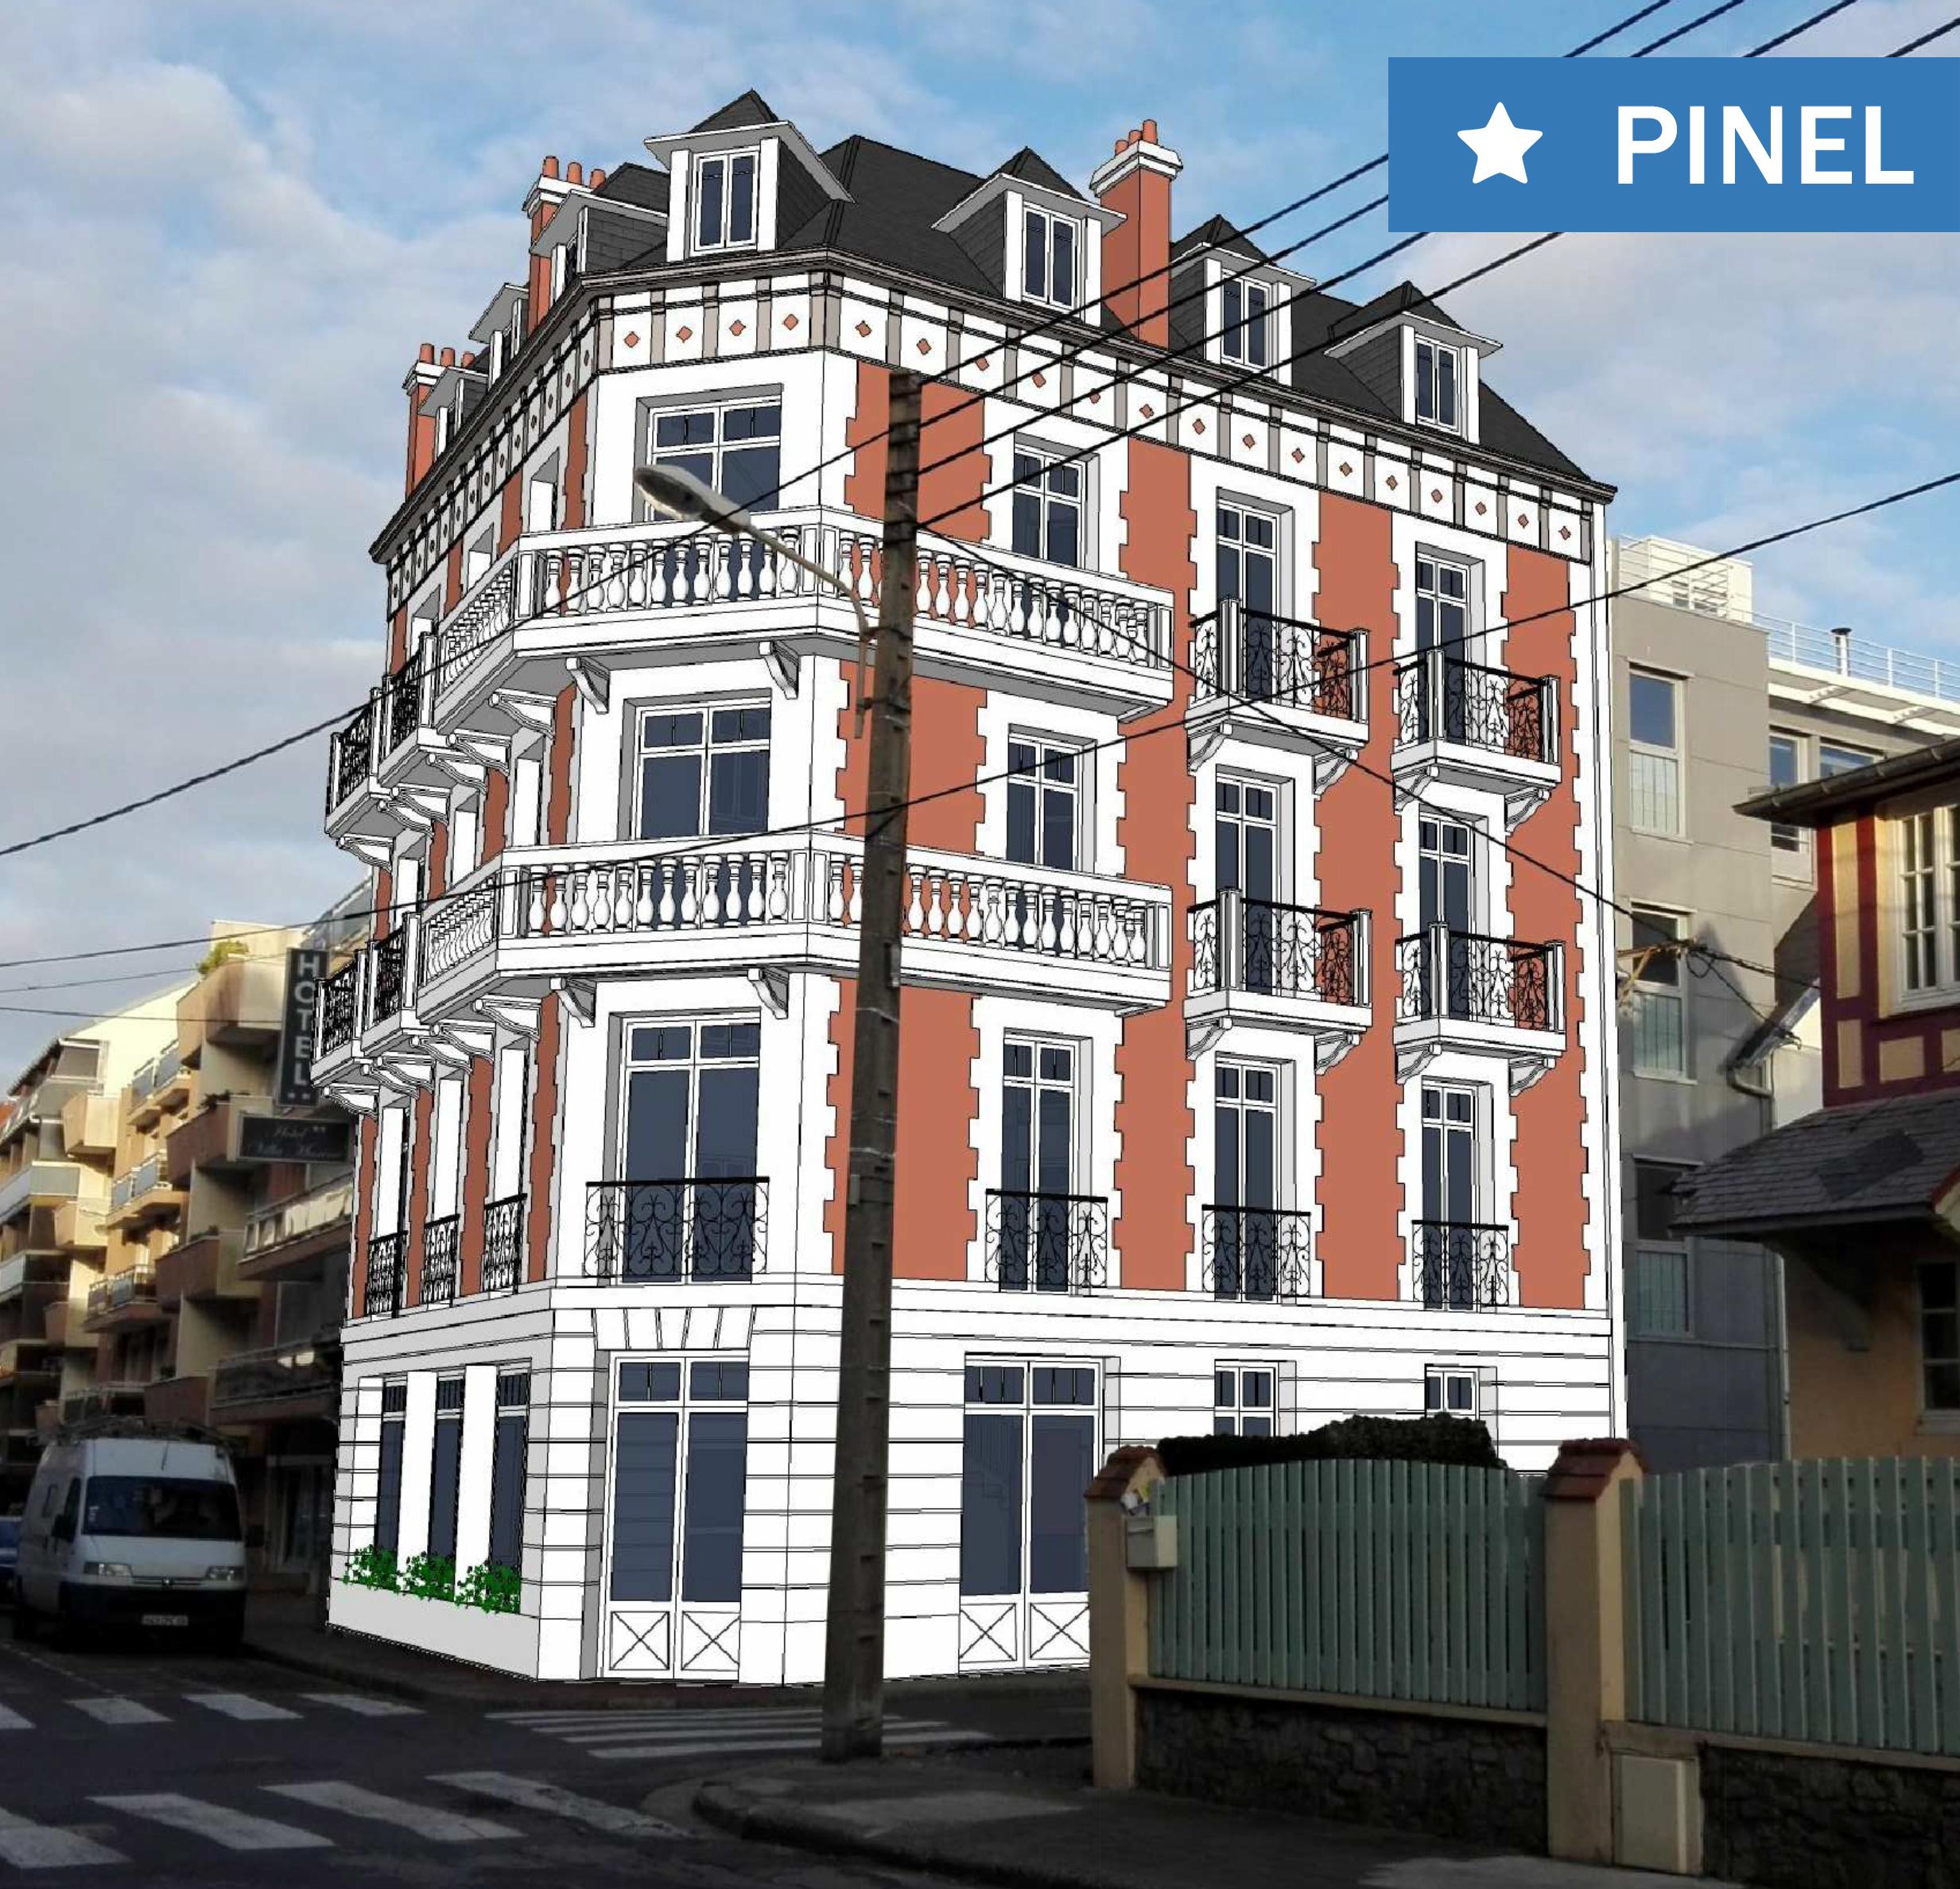 Appartement T2 cabine à vendre - 32 m2 - Touquet Paris Plage Image